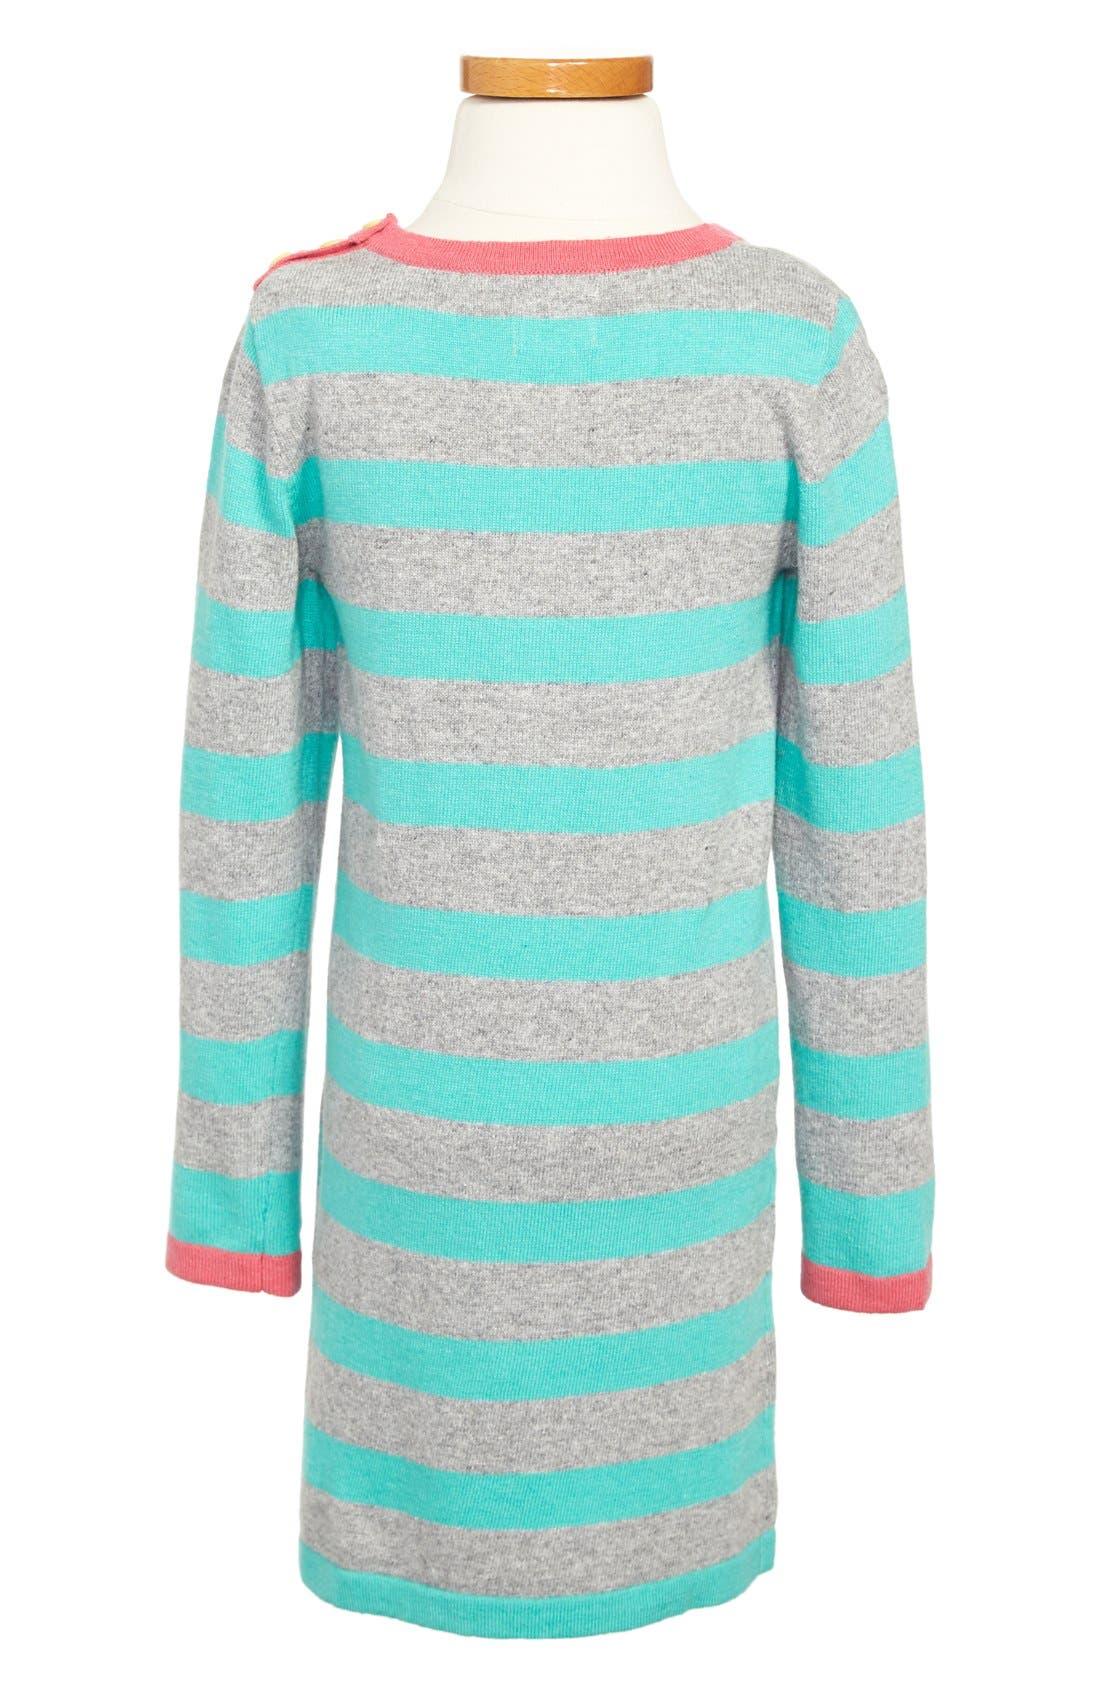 Alternate Image 2  - Mini Boden Stripy Knit Dress (Toddler Girls, Little Girls & Big Girls)